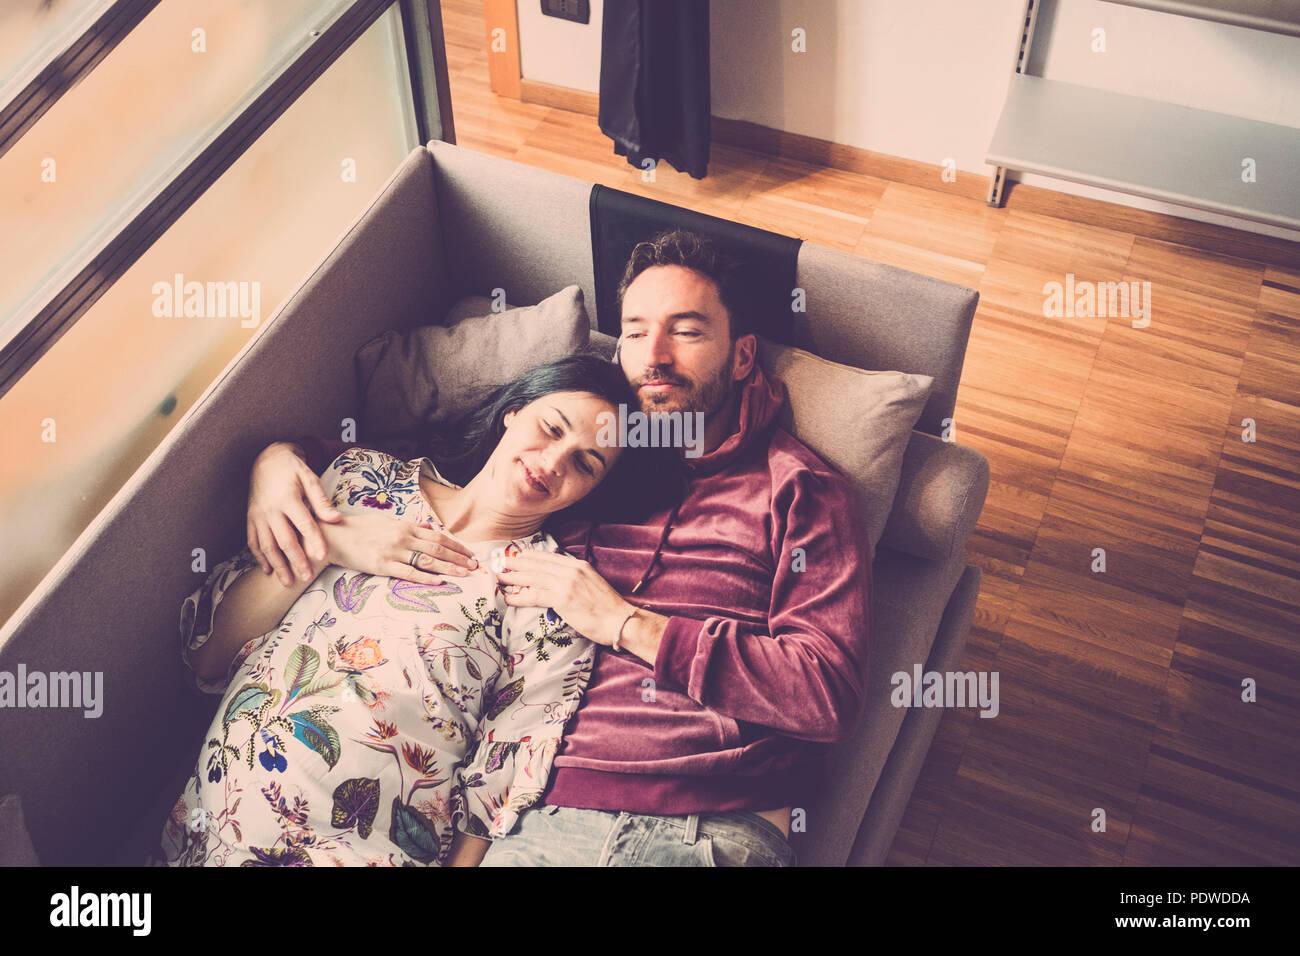 Concepto de relación y amor de un hombre y una mujer caucásica sentar en el sofá en casa. La ternura y el amor por la buena gente Imagen De Stock